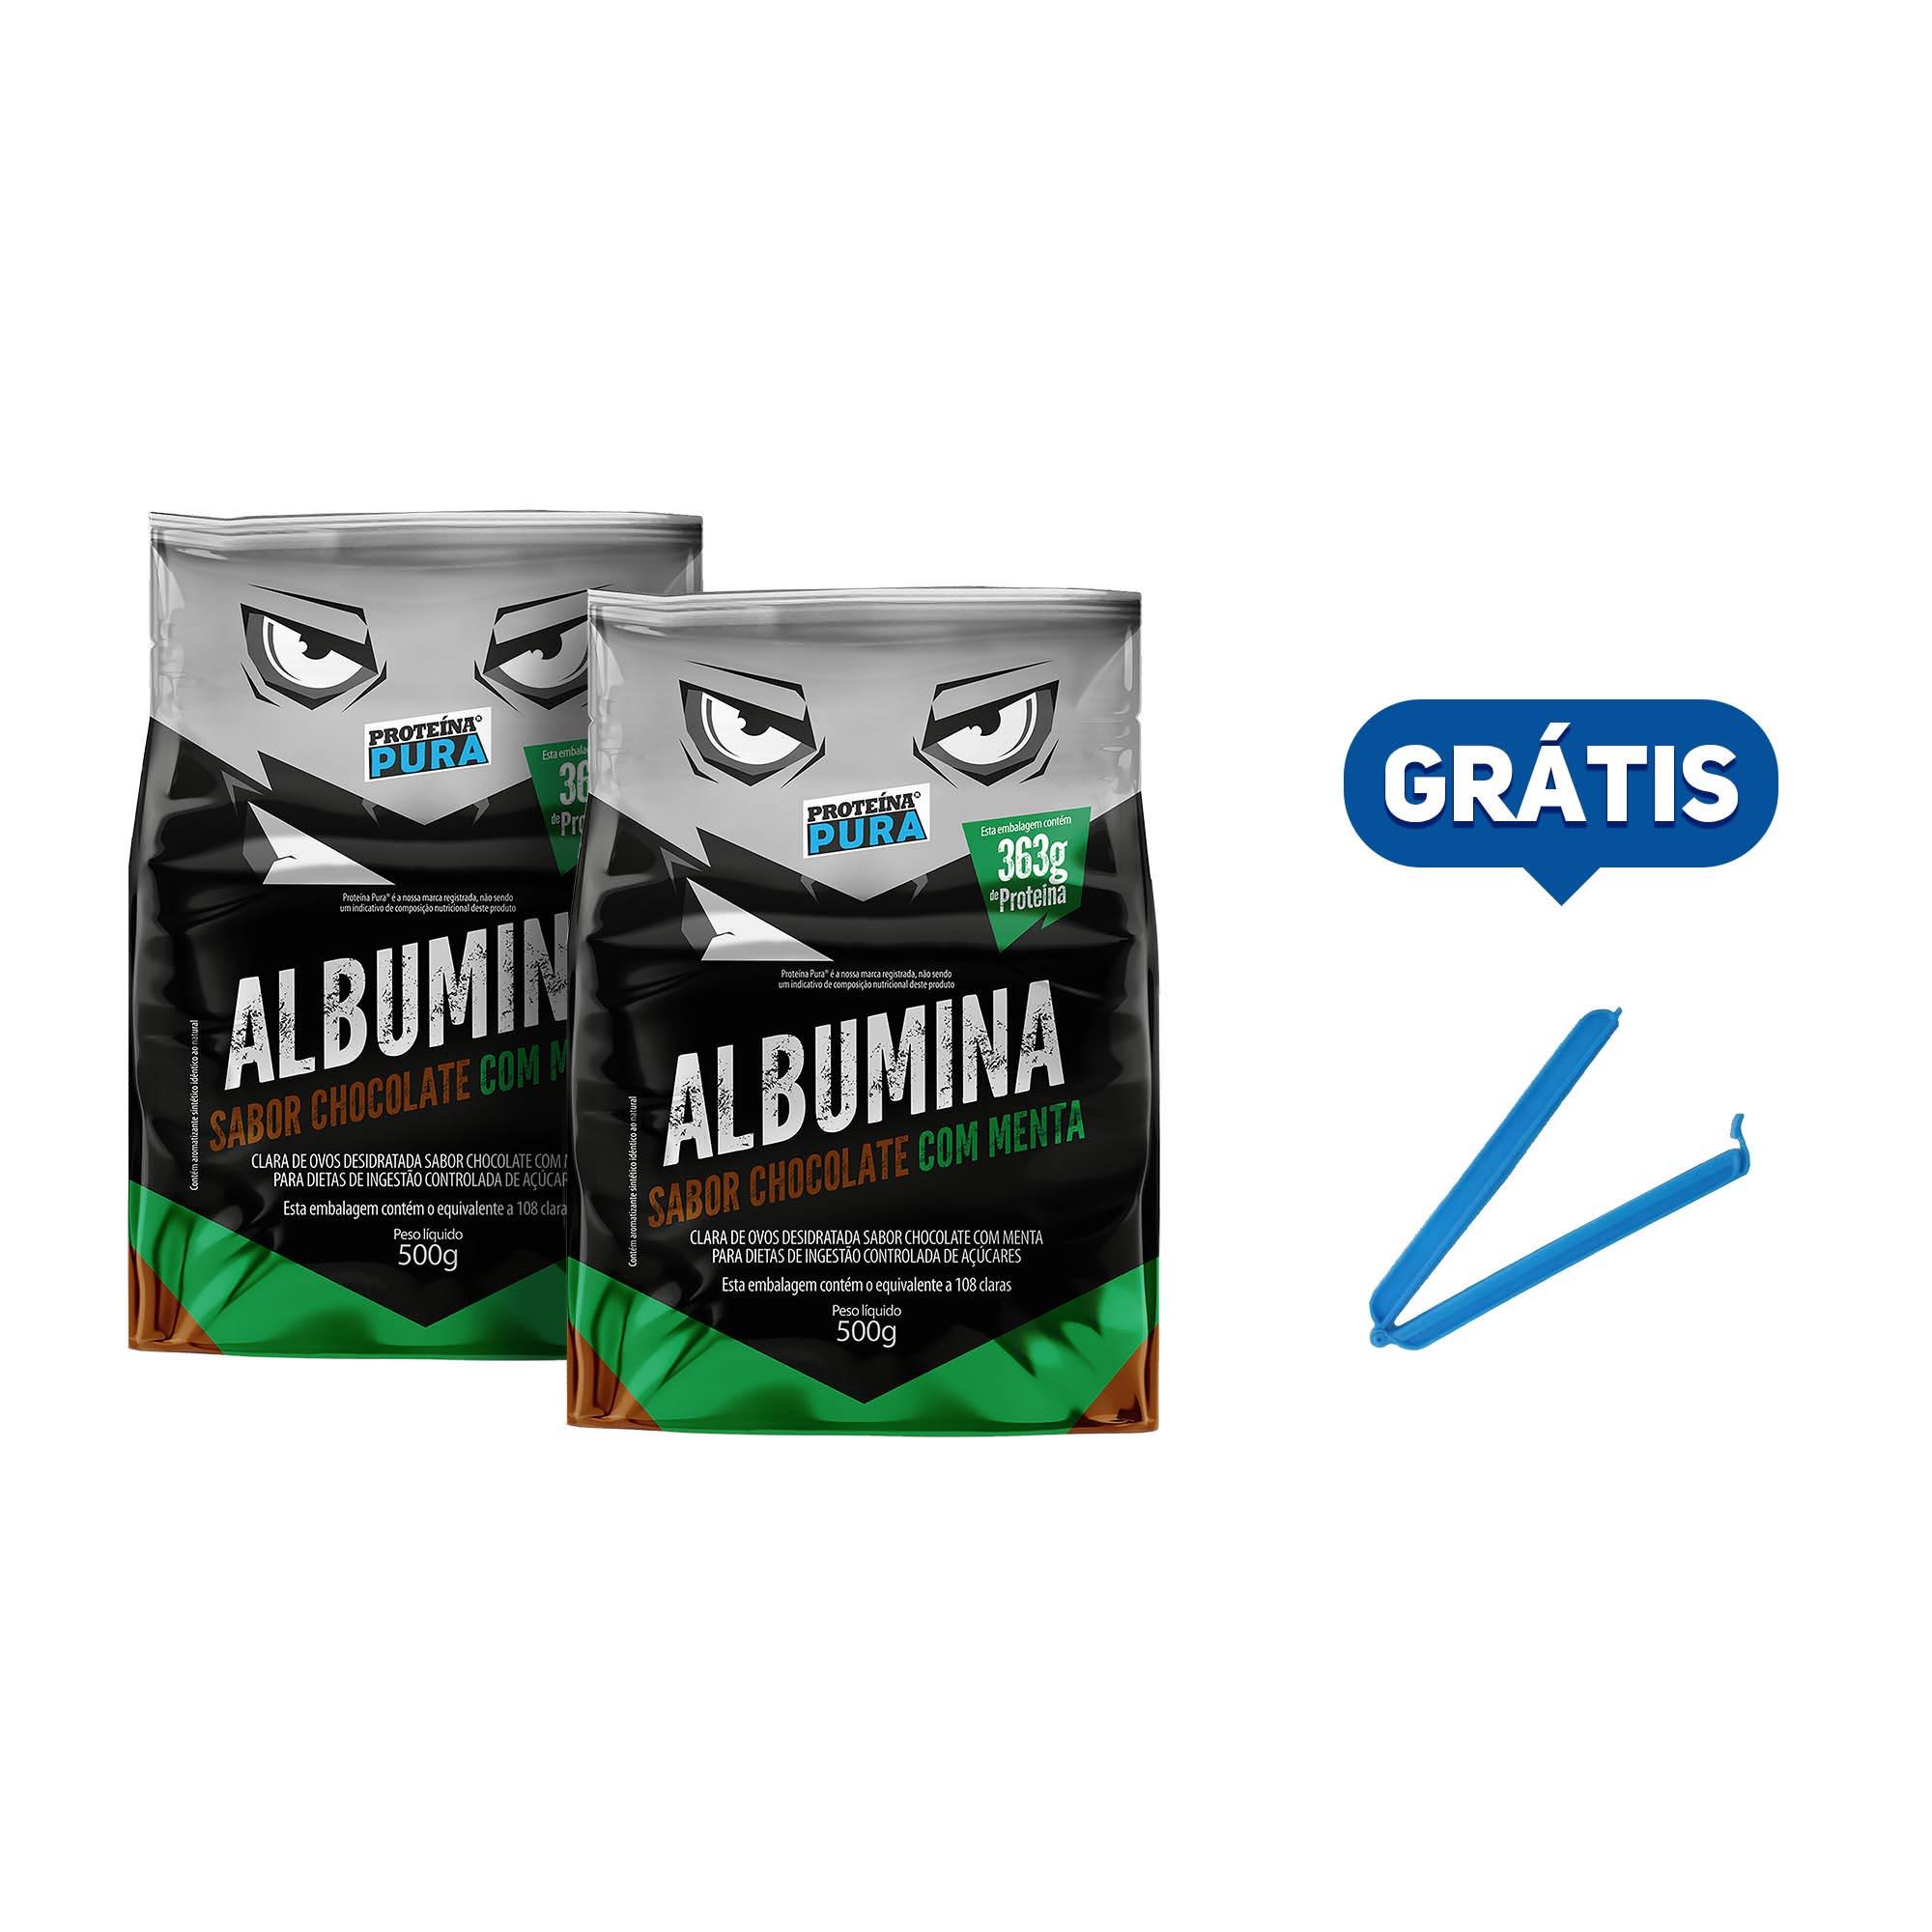 Kit Albumina Chocolate com Menta - (2 un x 500g) - Proteína Pura